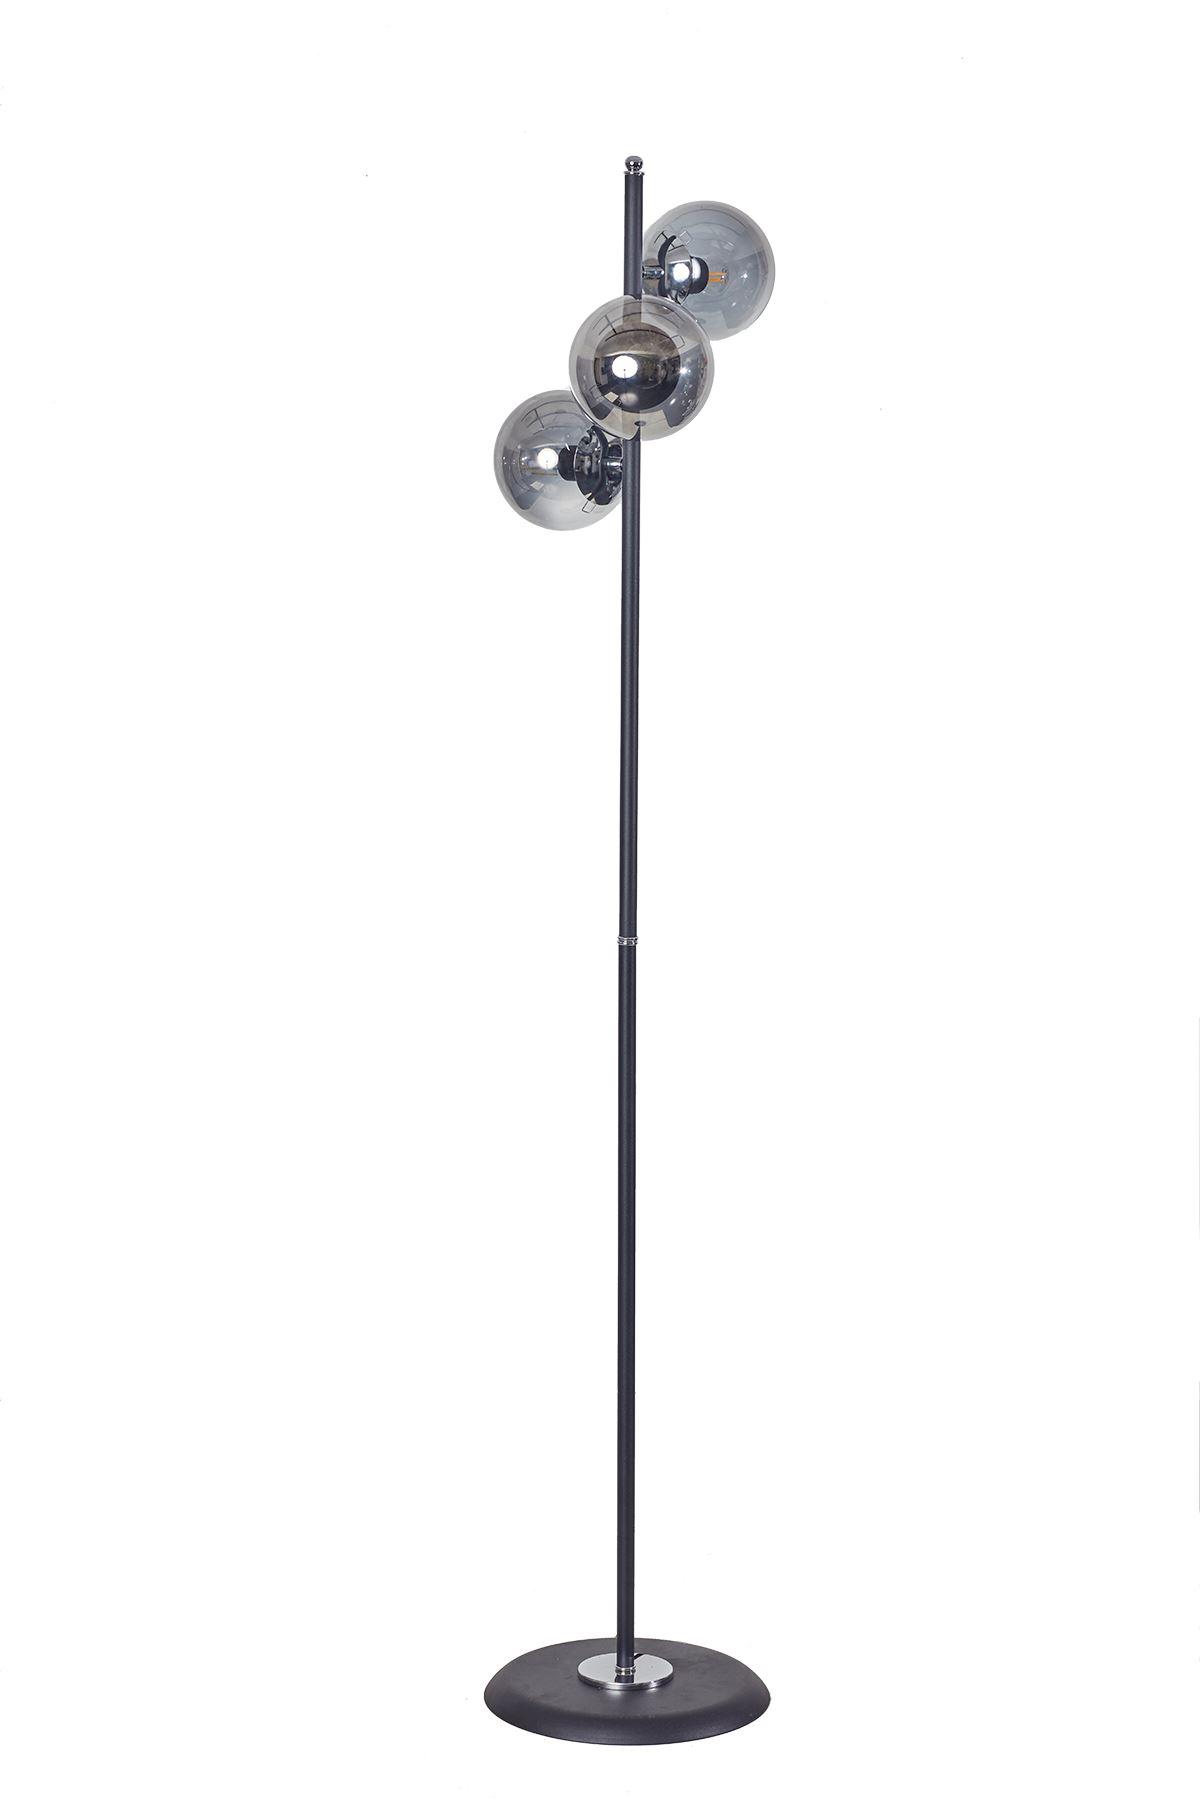 Perla Siyah Metal Gövde Füme Camlı Tasarım Lüx Yerden Aydınlatma Lambader